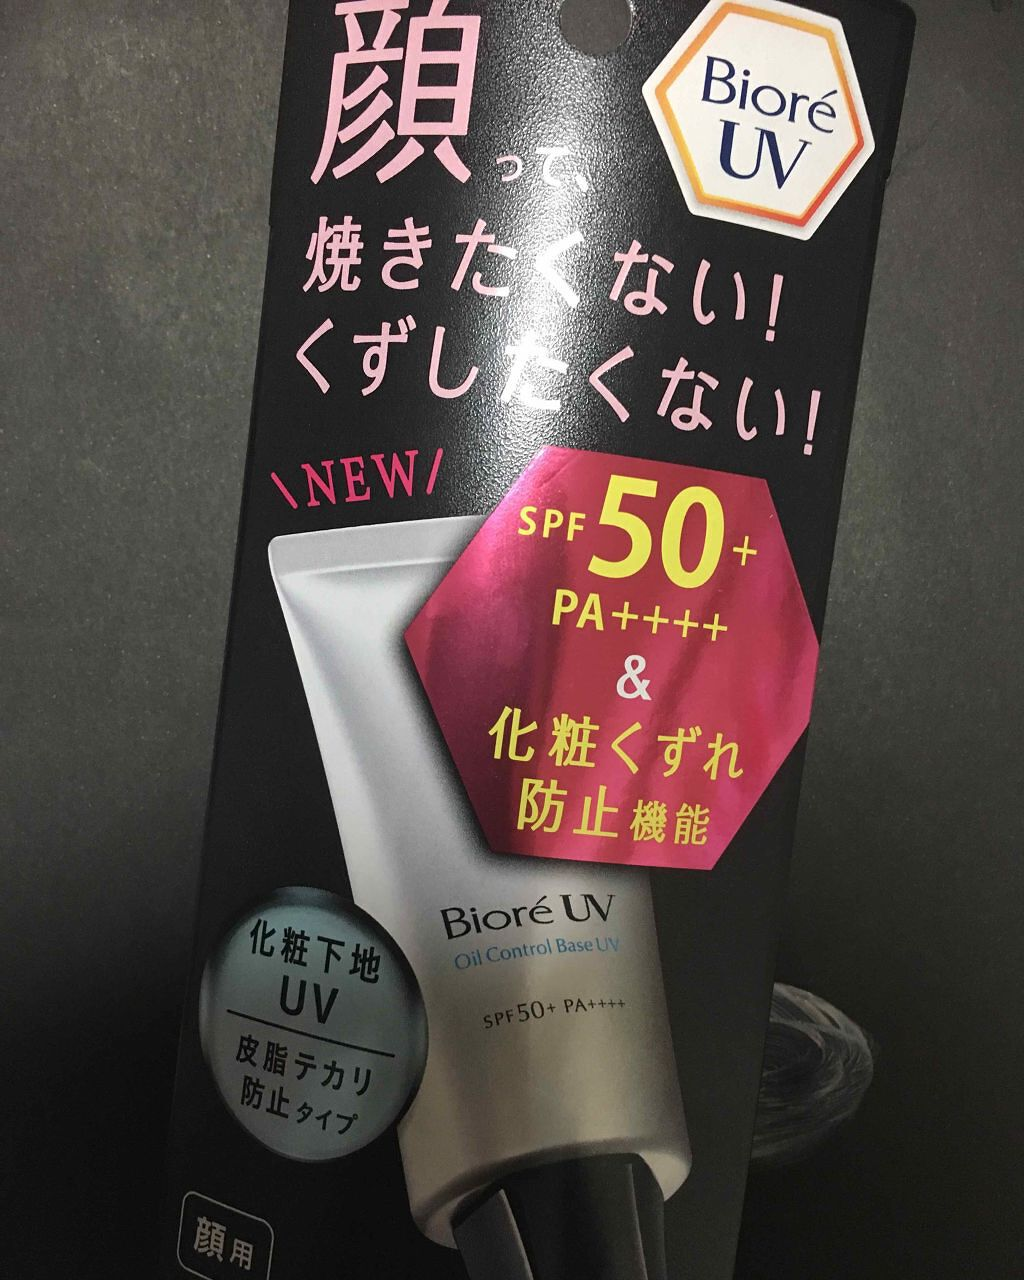 かぽさんの「ビオレビオレUV SPF50+の化粧下地UV 皮脂テカリ防止タイプ<化粧下地>」を含むクチコミ